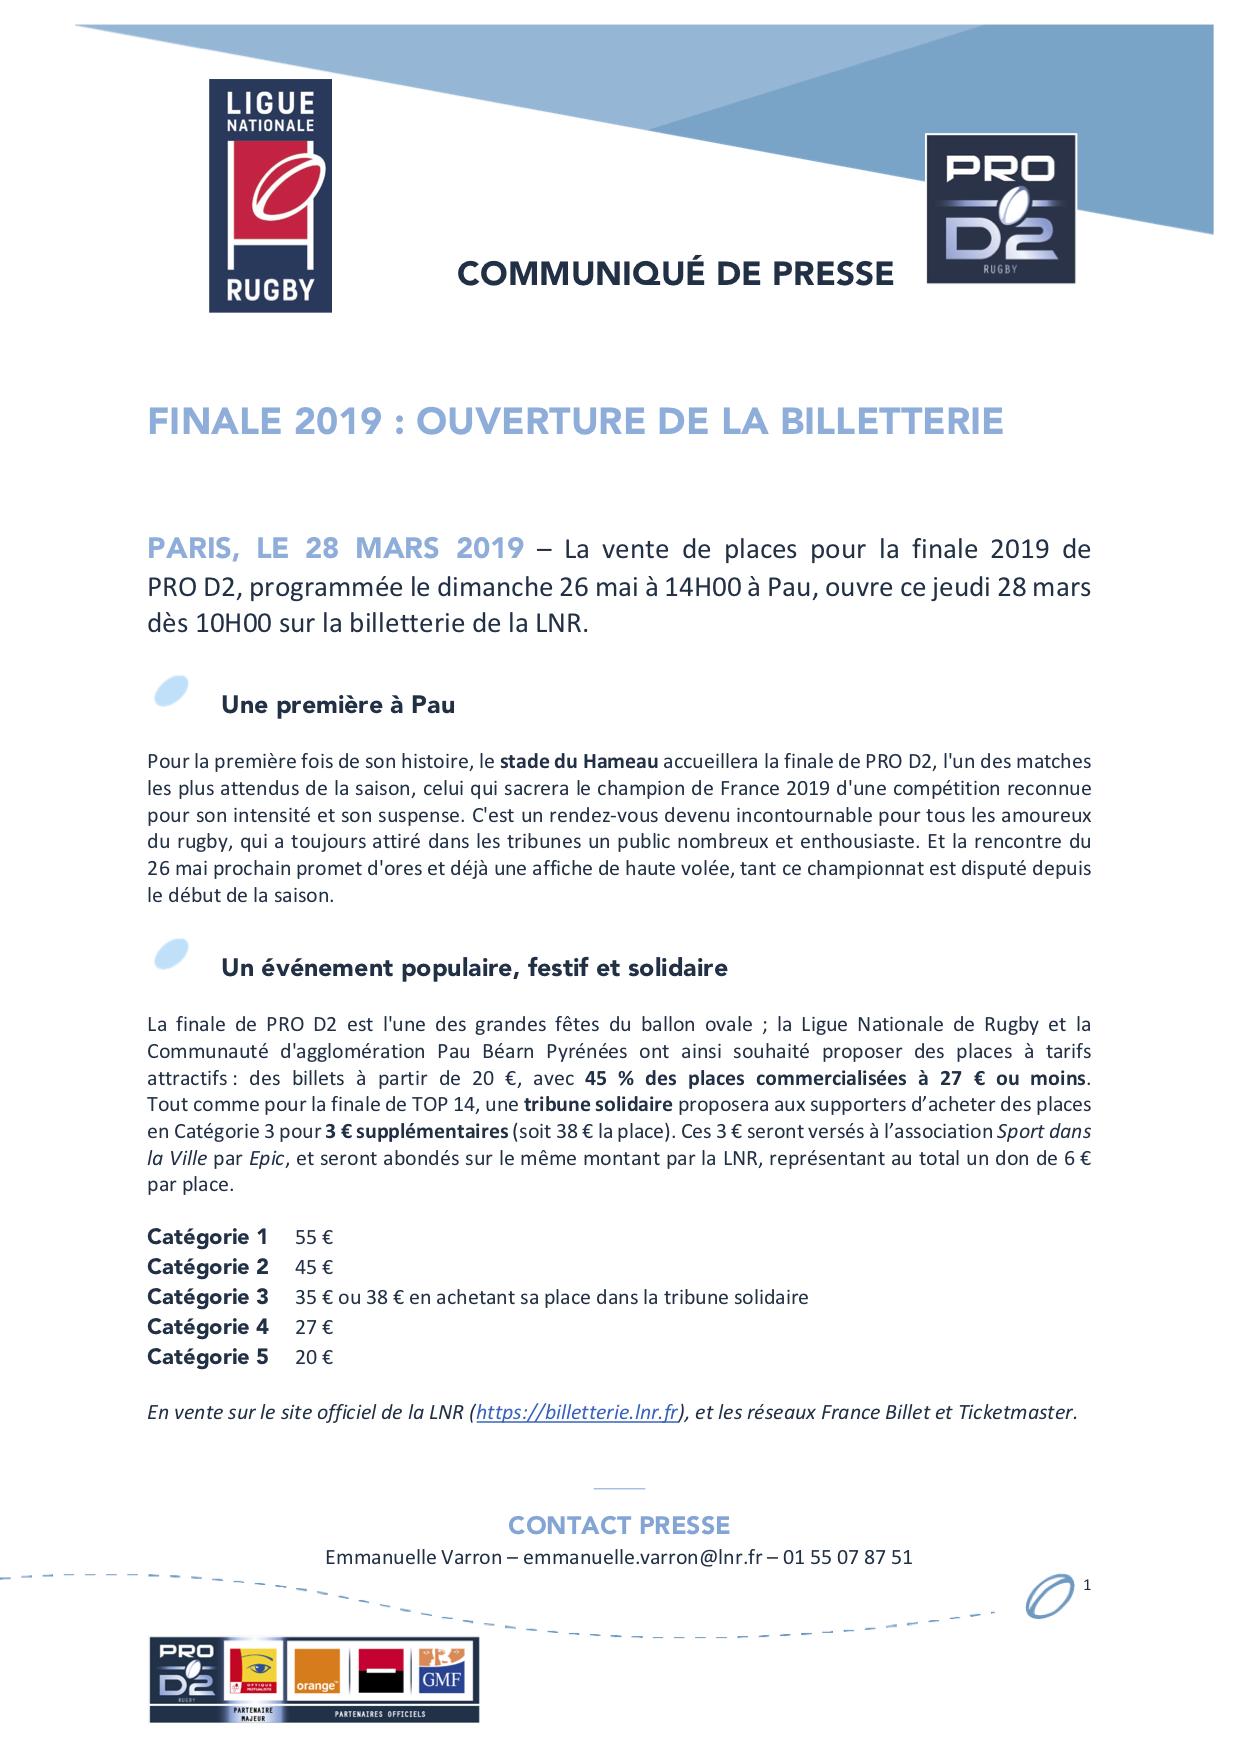 CP LNR - Finale 2019 PRO D2 I Ouverture de la billetterie ce jeudi 28 mars